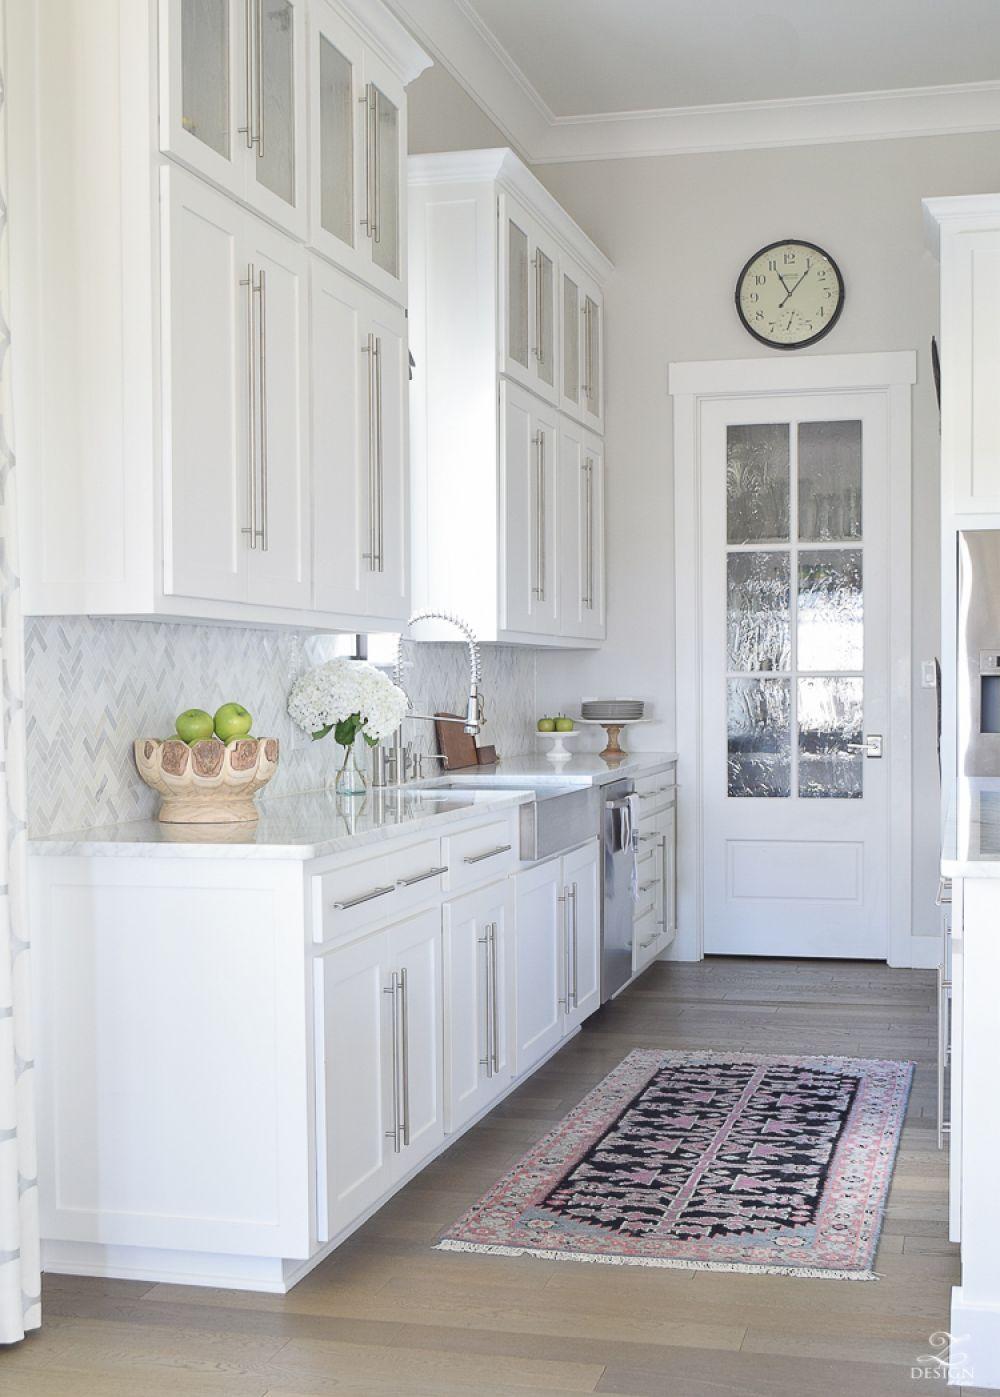 30+ Modern, Minimalist Farmhouse Kitchen Ideas in 2020